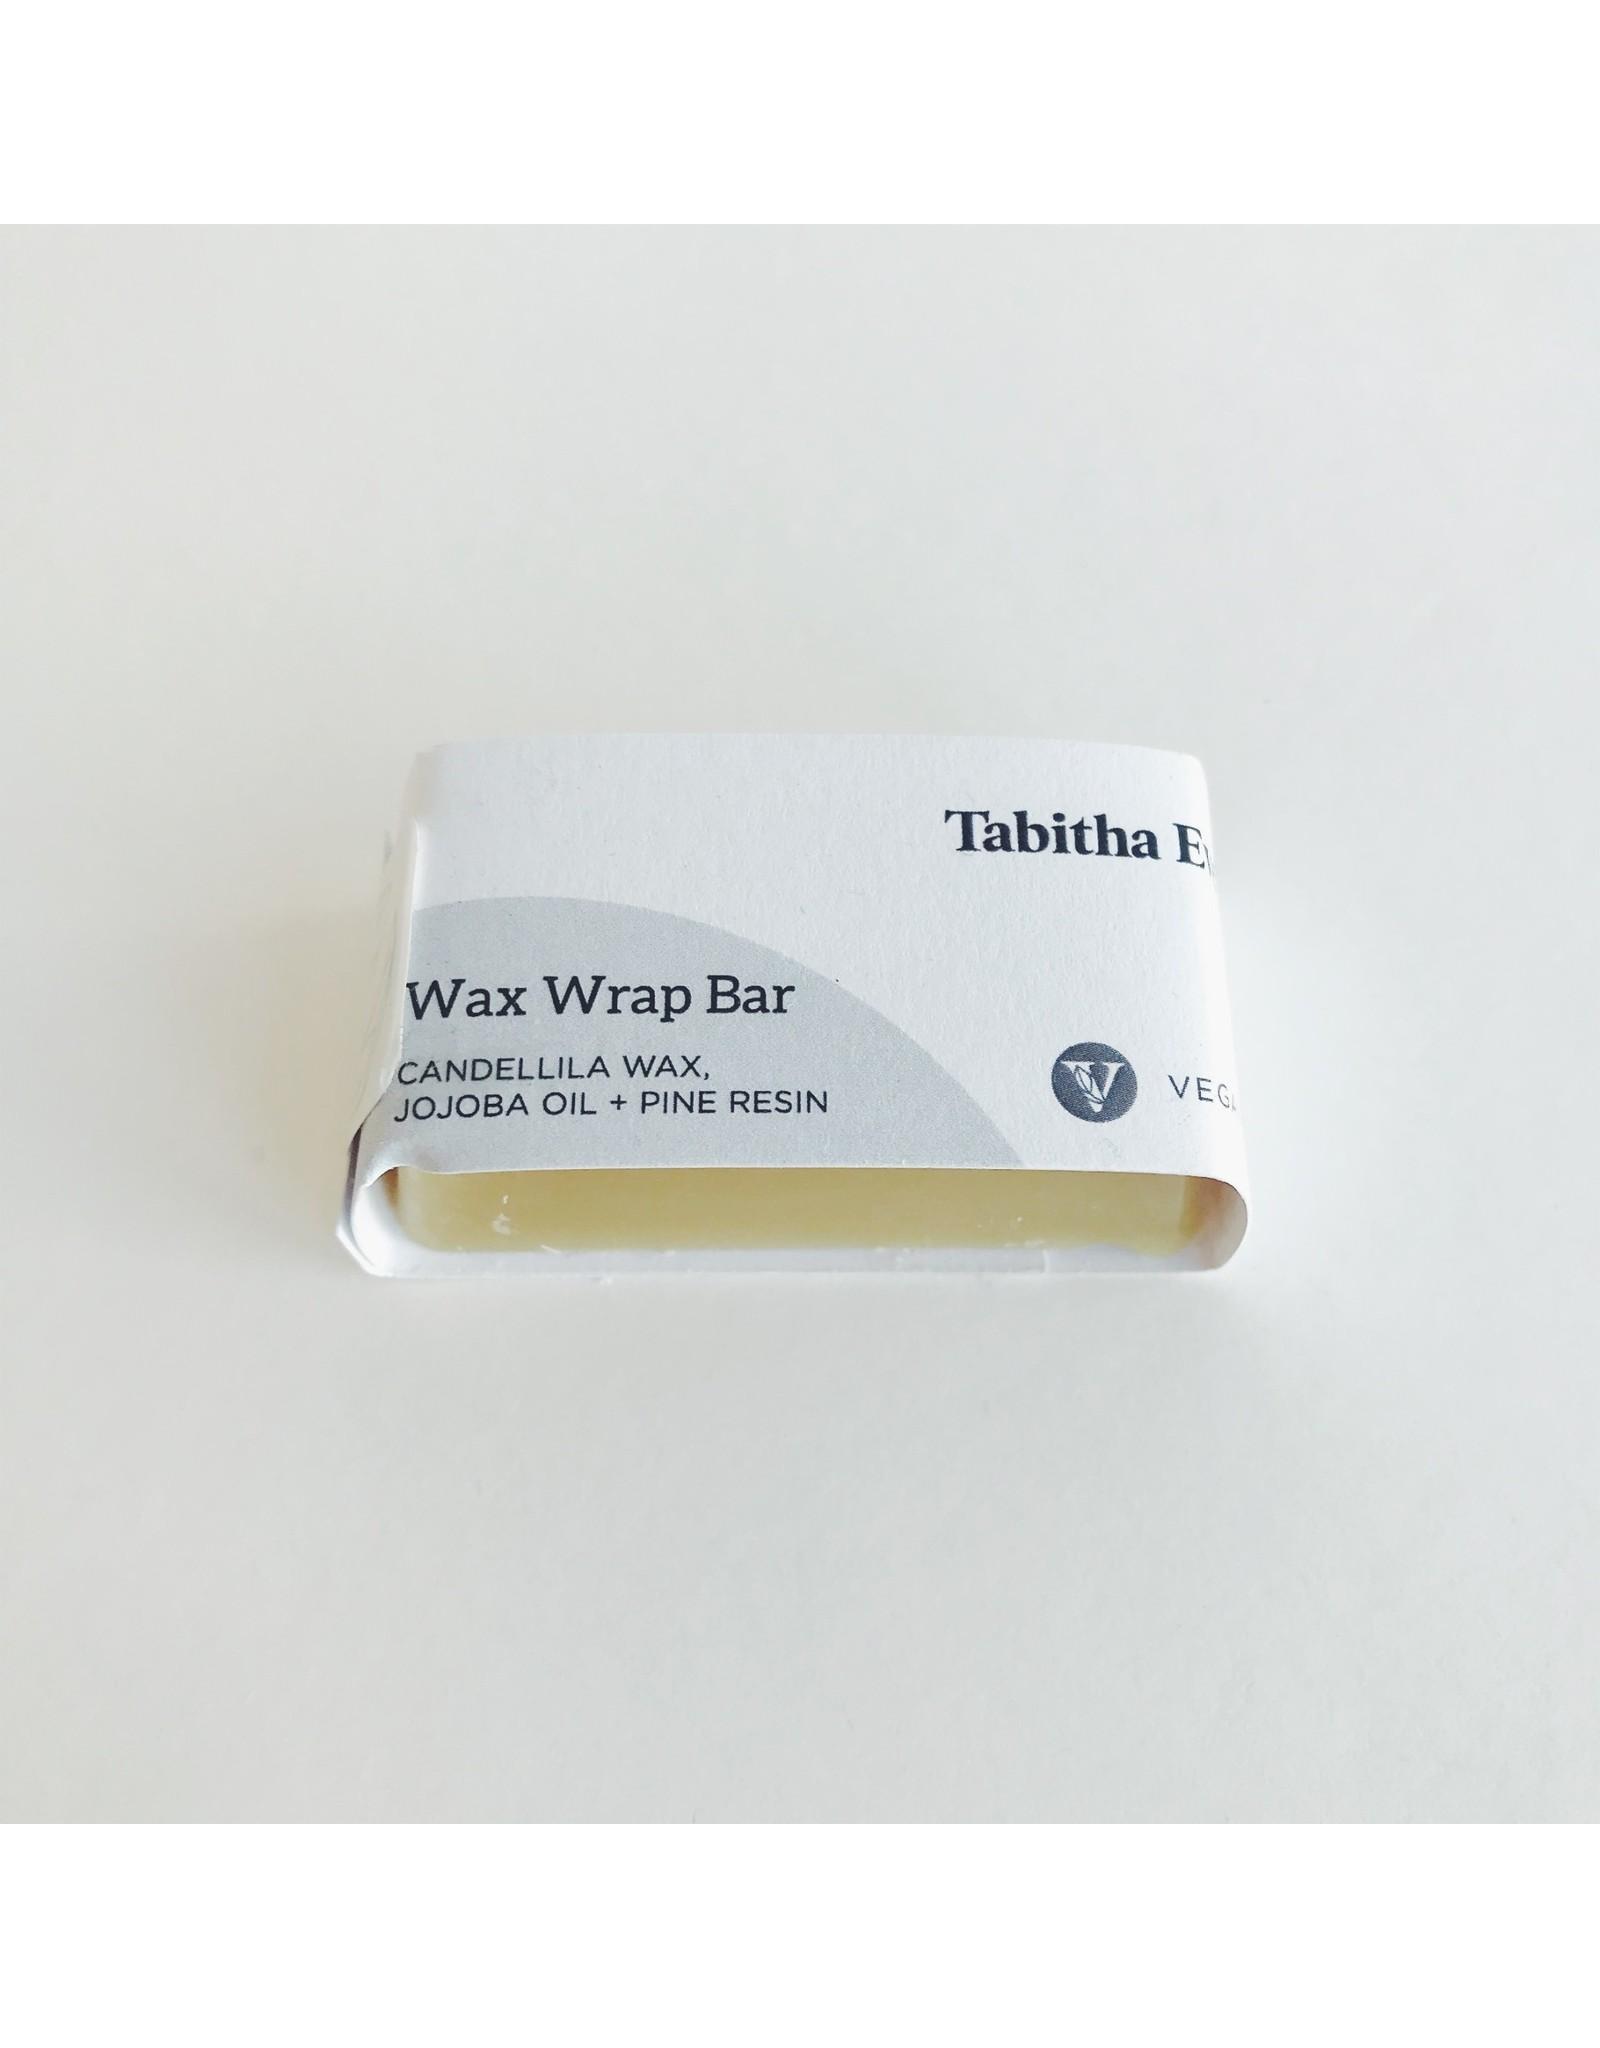 Wax Wrap Refresher Bar